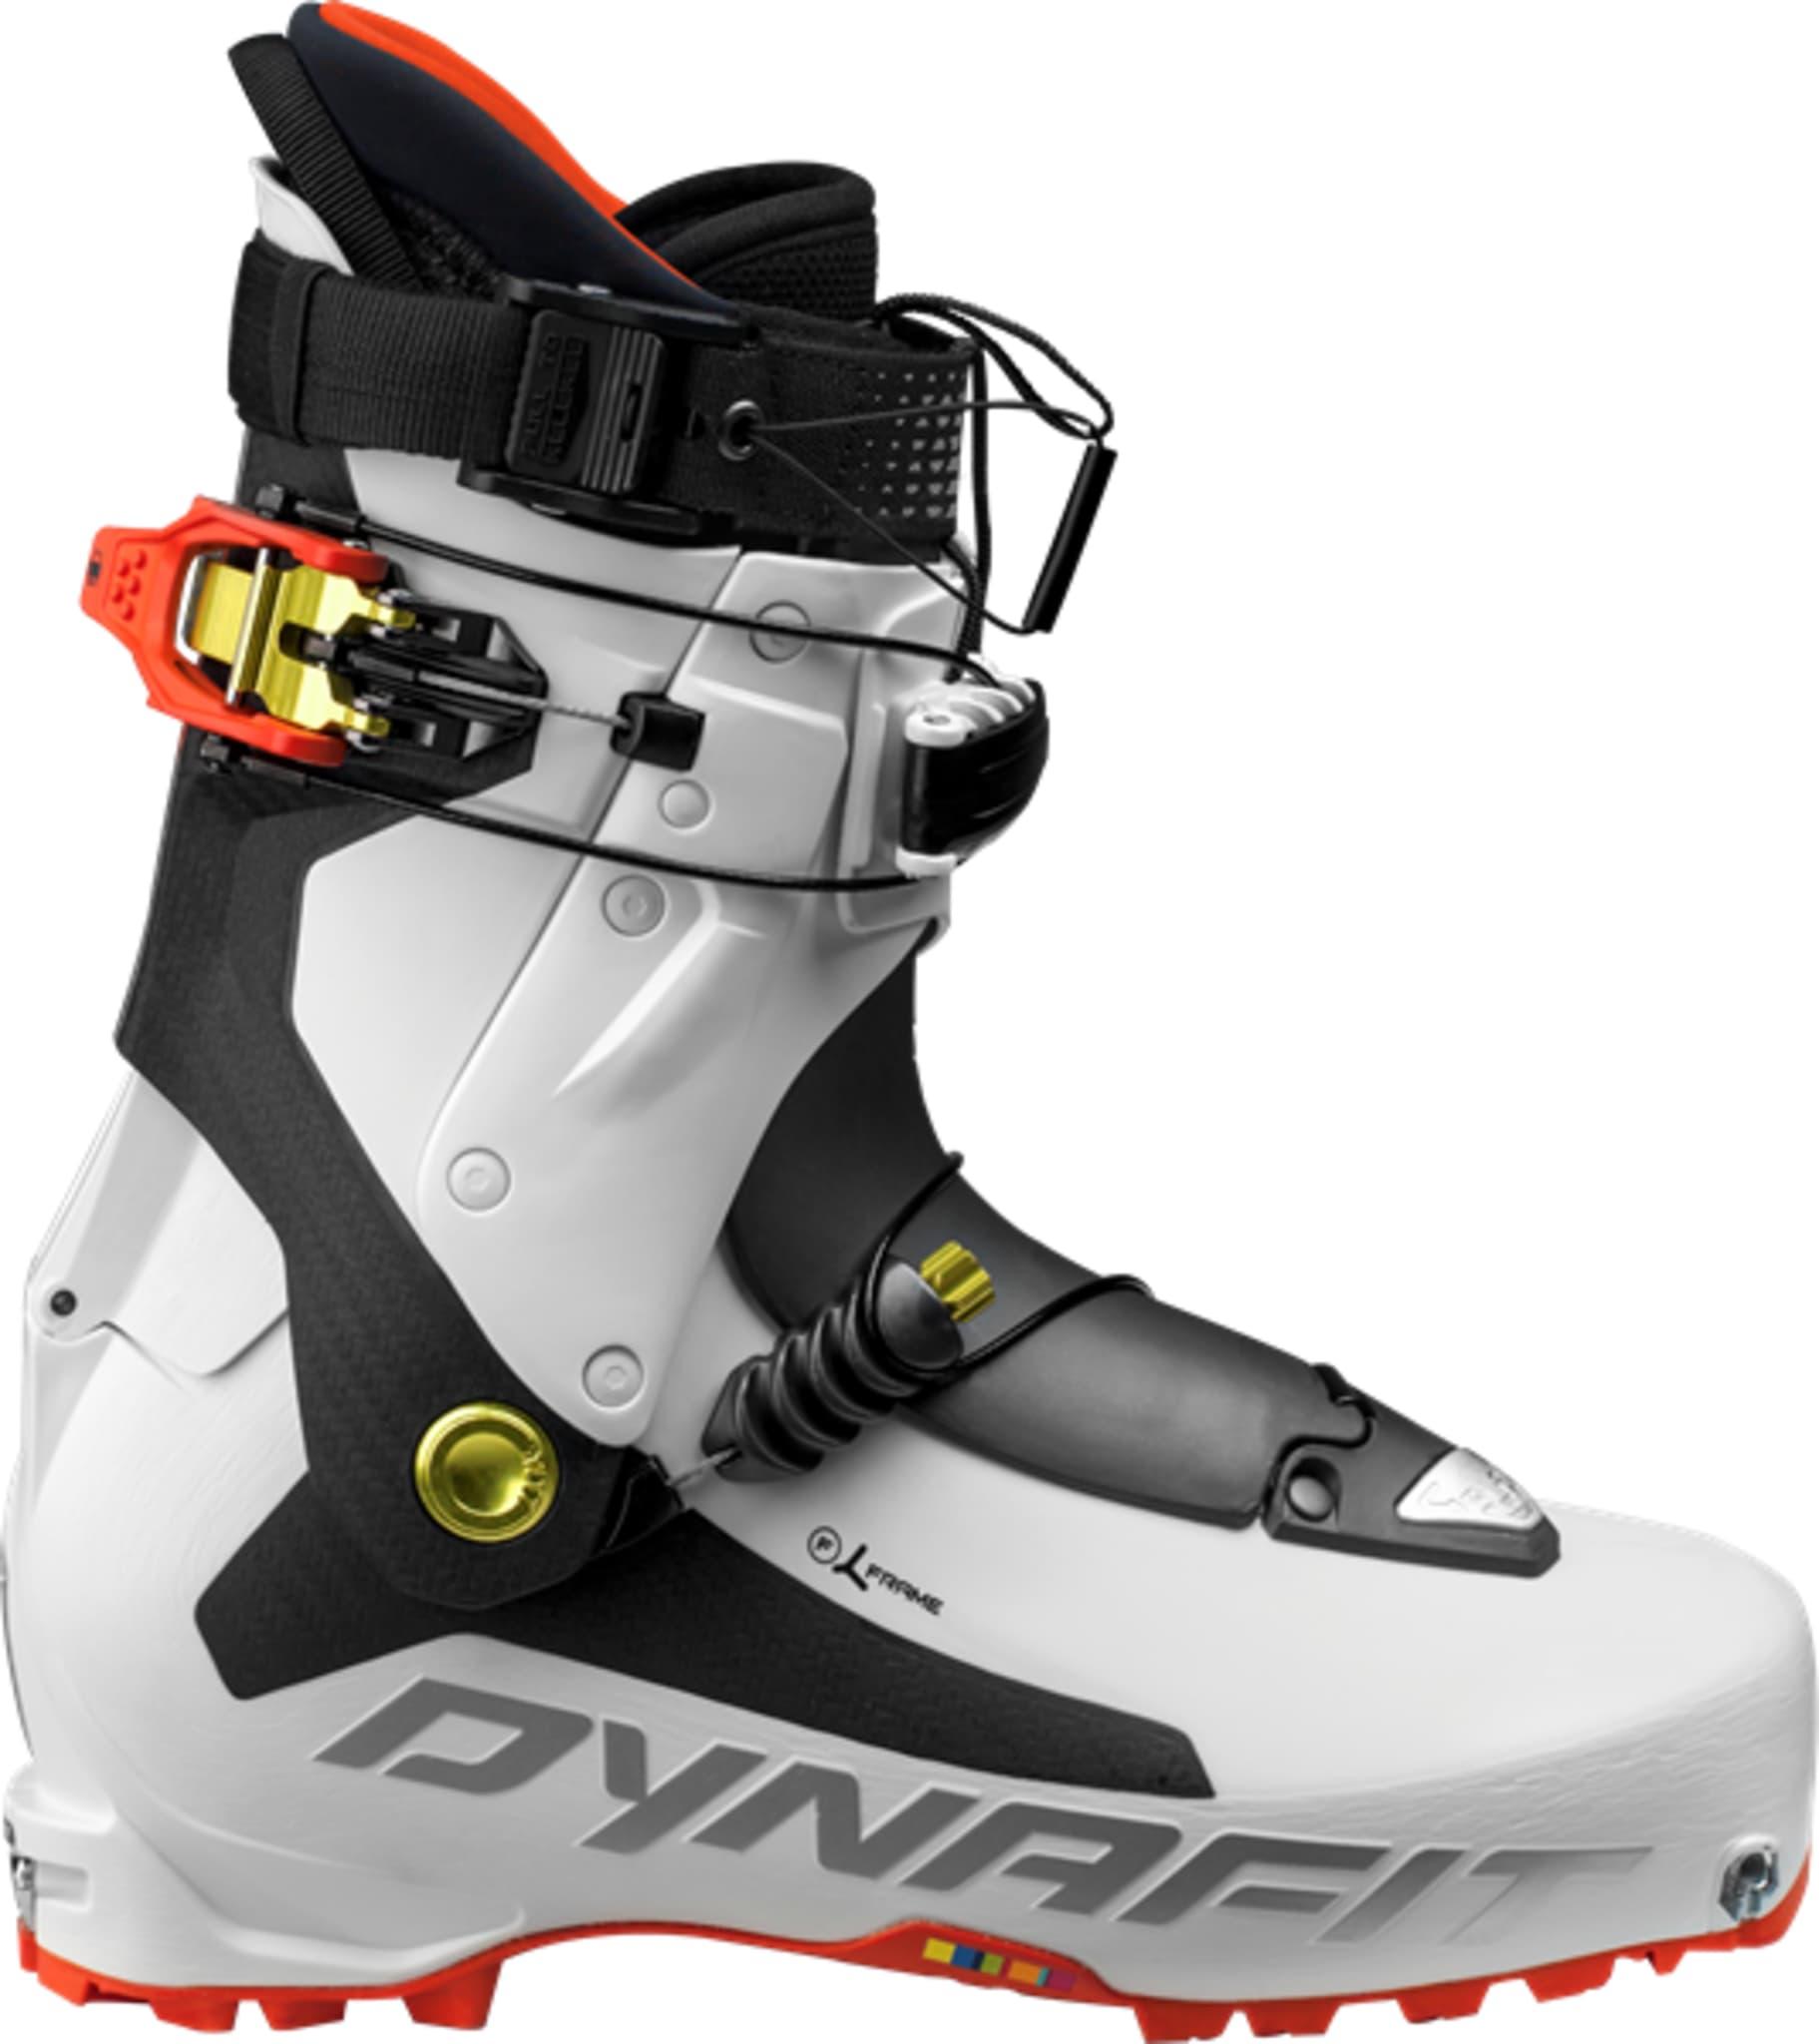 Lette støvler for raske toppturer, både opp og ned!